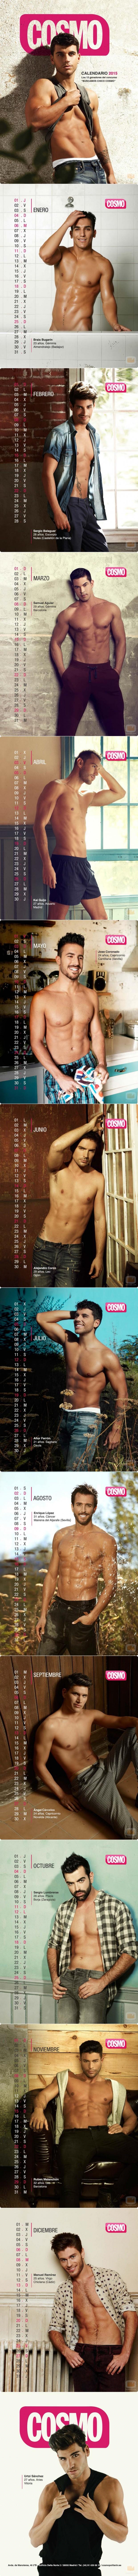 calendario-hombres-2015